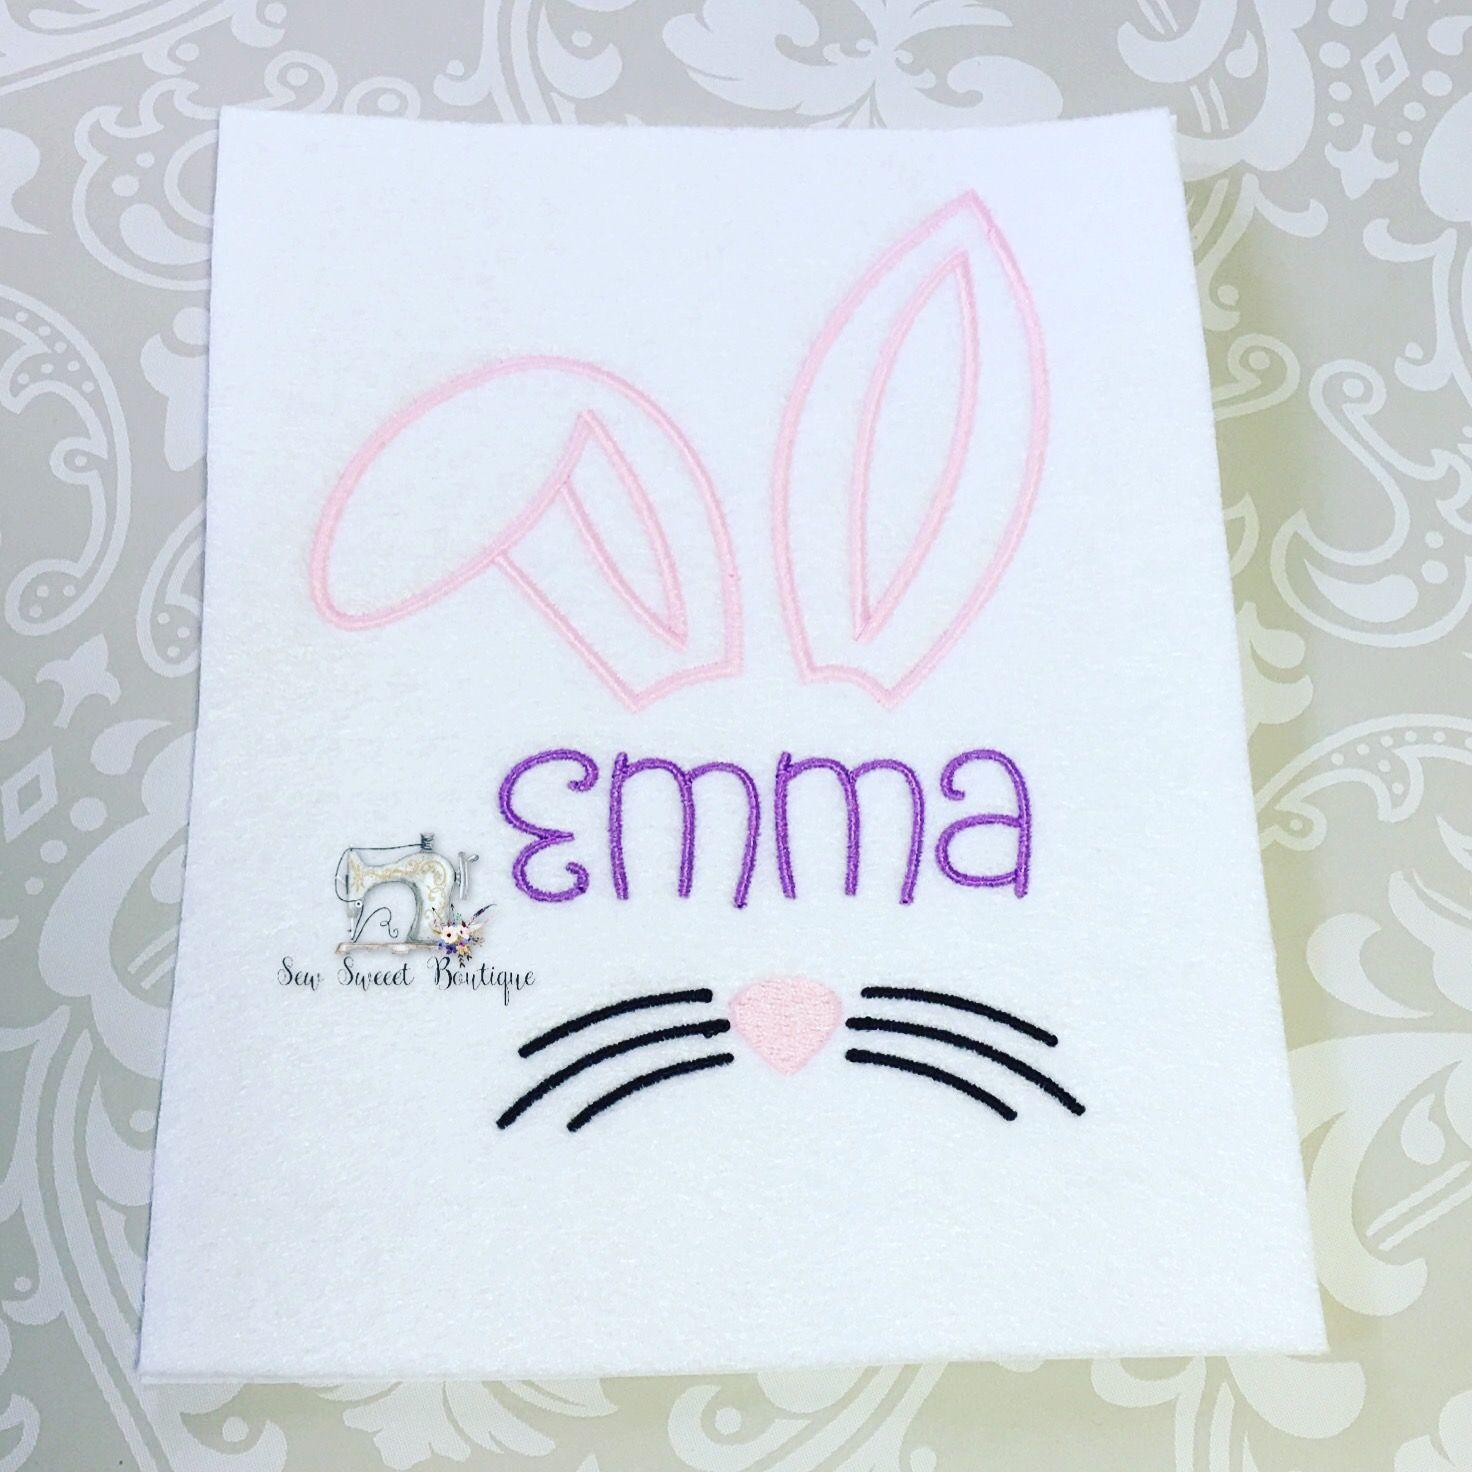 Bunny easter shirt!